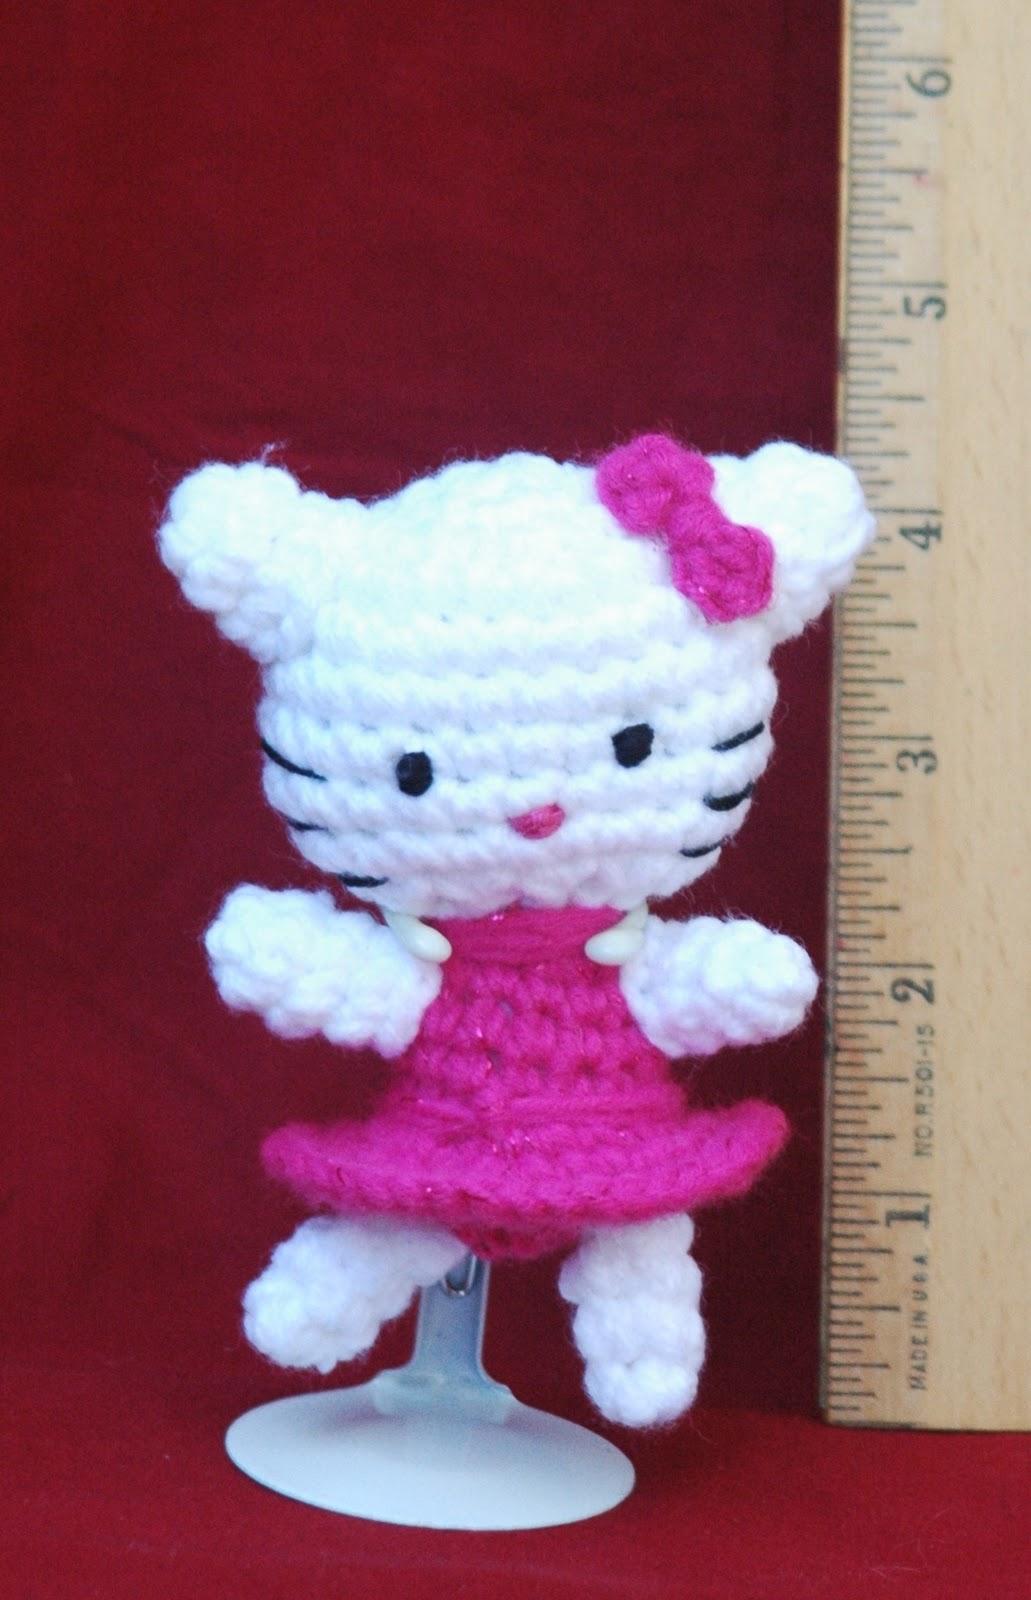 Free teeny kitty crochet pattern inspired by hello kitty